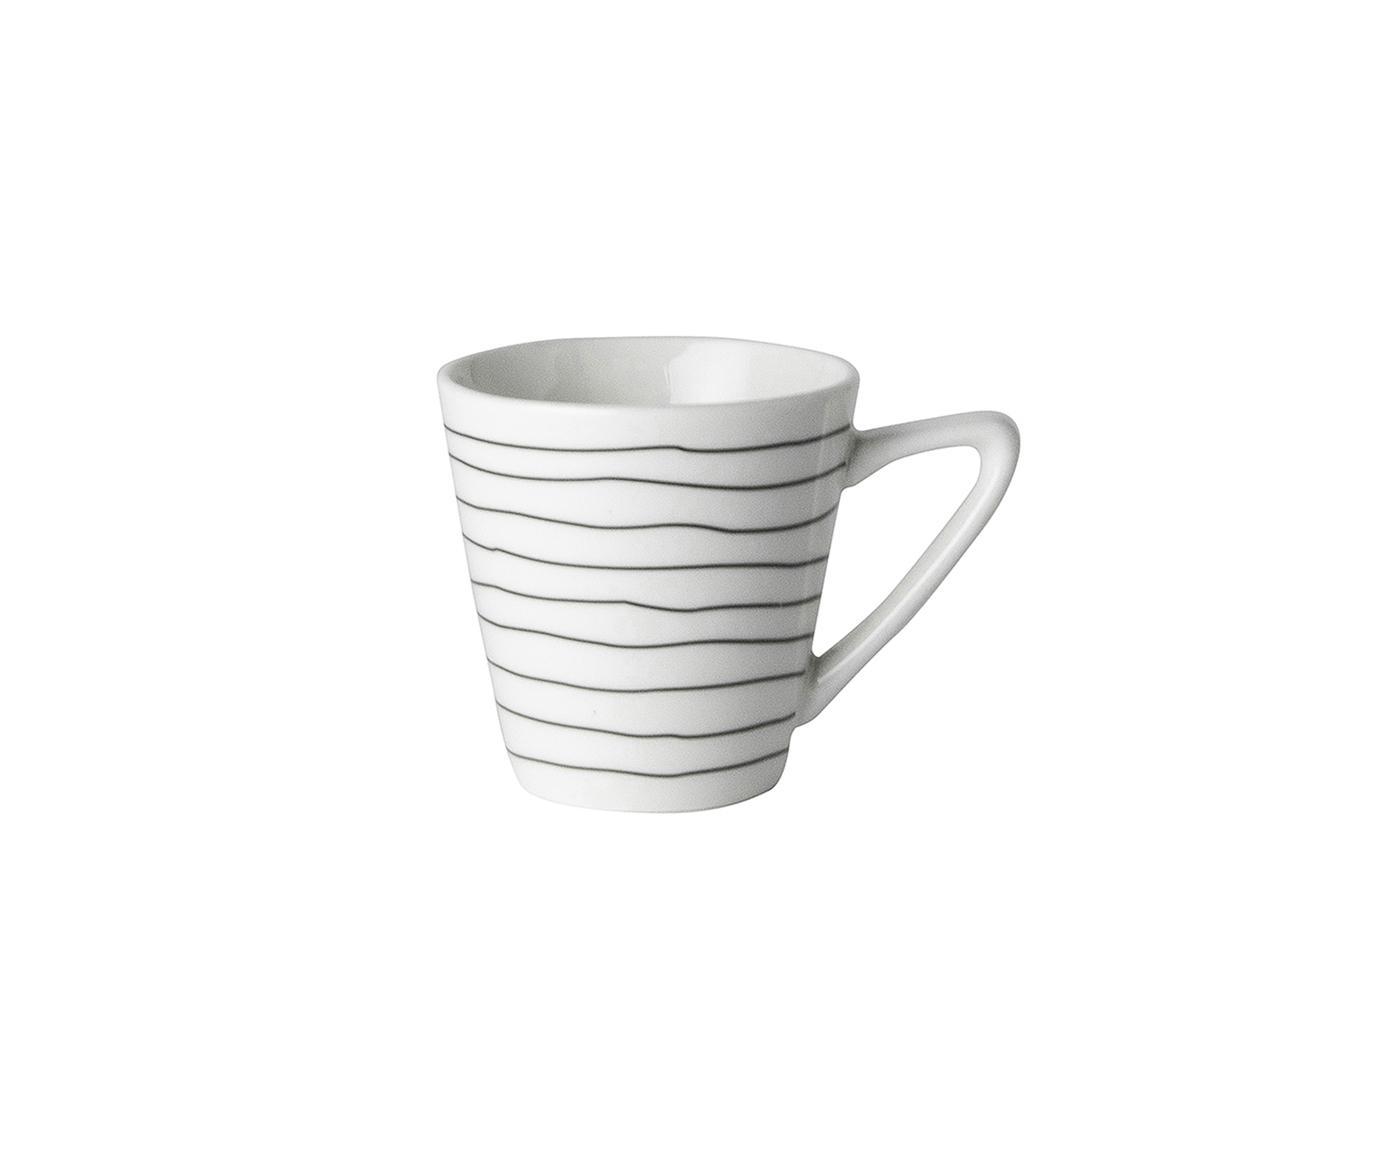 Espressotassen Eris Loft mit Liniendekor, 4 Stück, Porzellan, Weiss, Schwarz, Ø 6 x H 6 cm